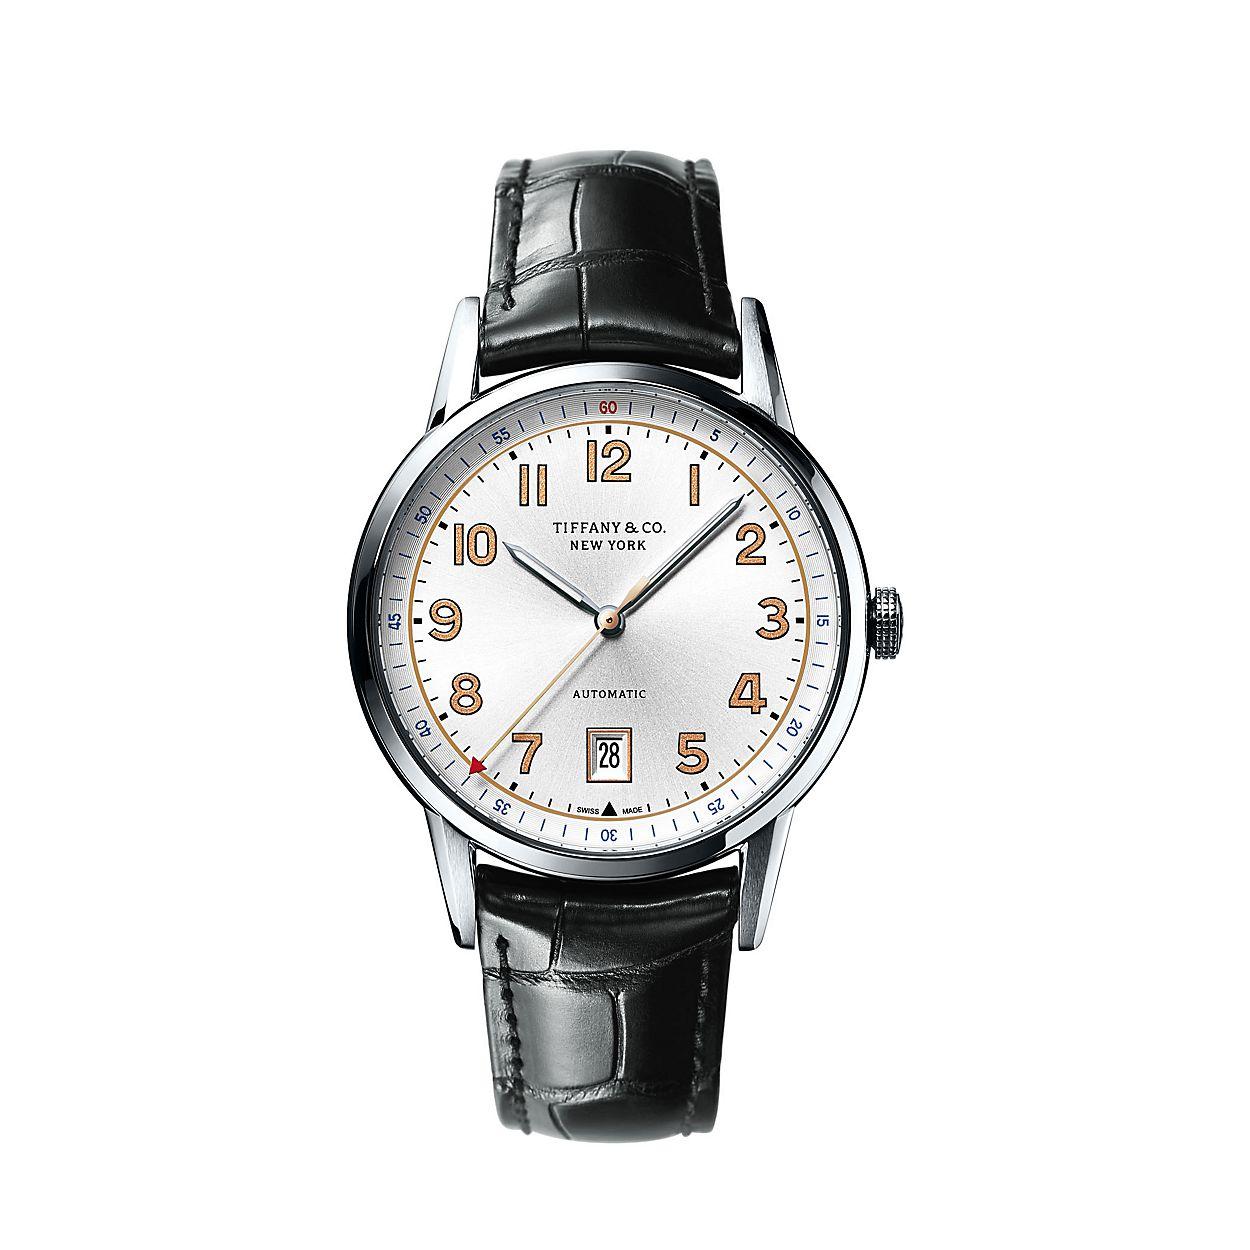 Reloj De Tres Manecillas Tiffany Ct60 De 40 Mm Para Hombre En Acero